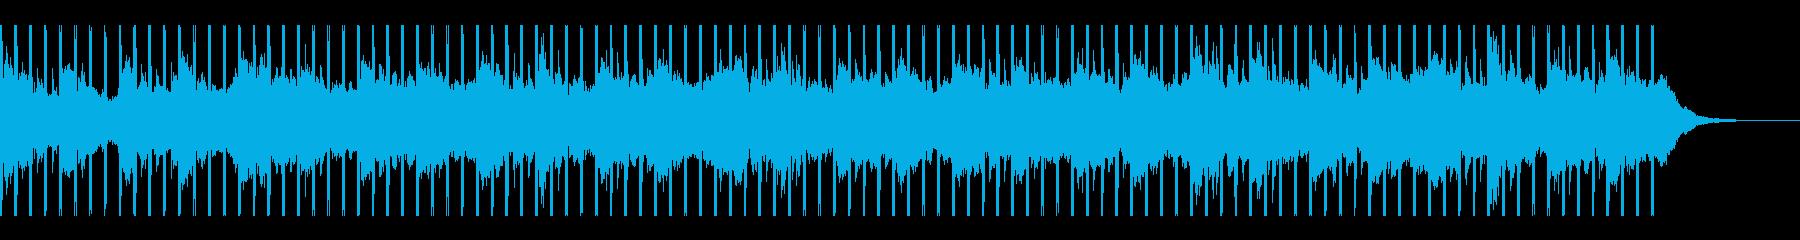 ビジネスプレゼンテーション用(60秒)の再生済みの波形